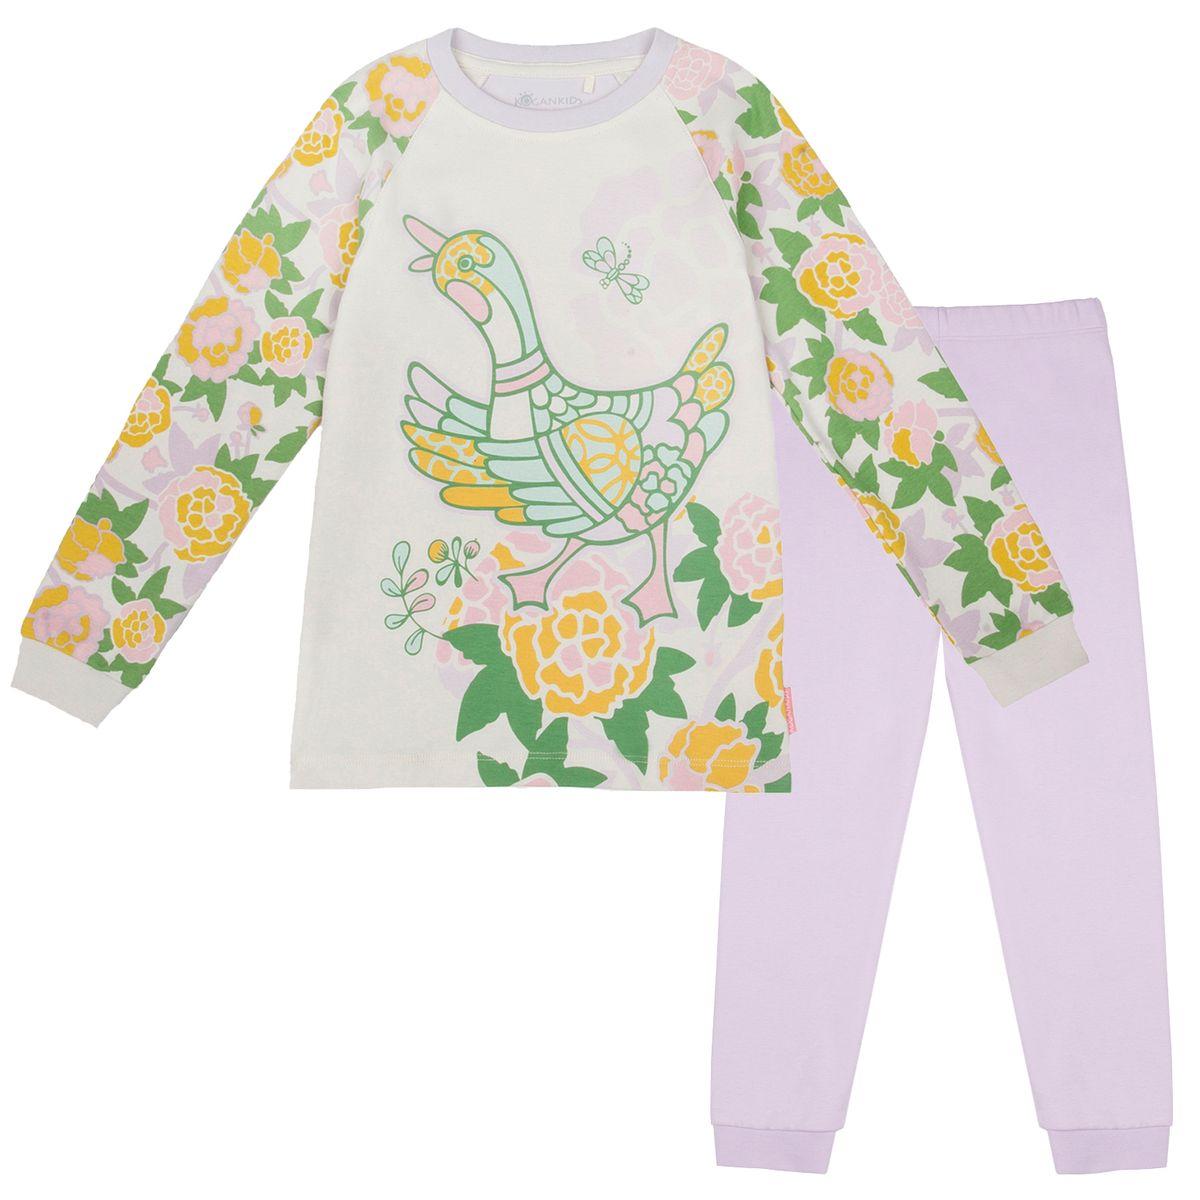 Фото - Пижама Kogankids пижамы и ночные сорочки kogankids пижама для девочки 171 144 04